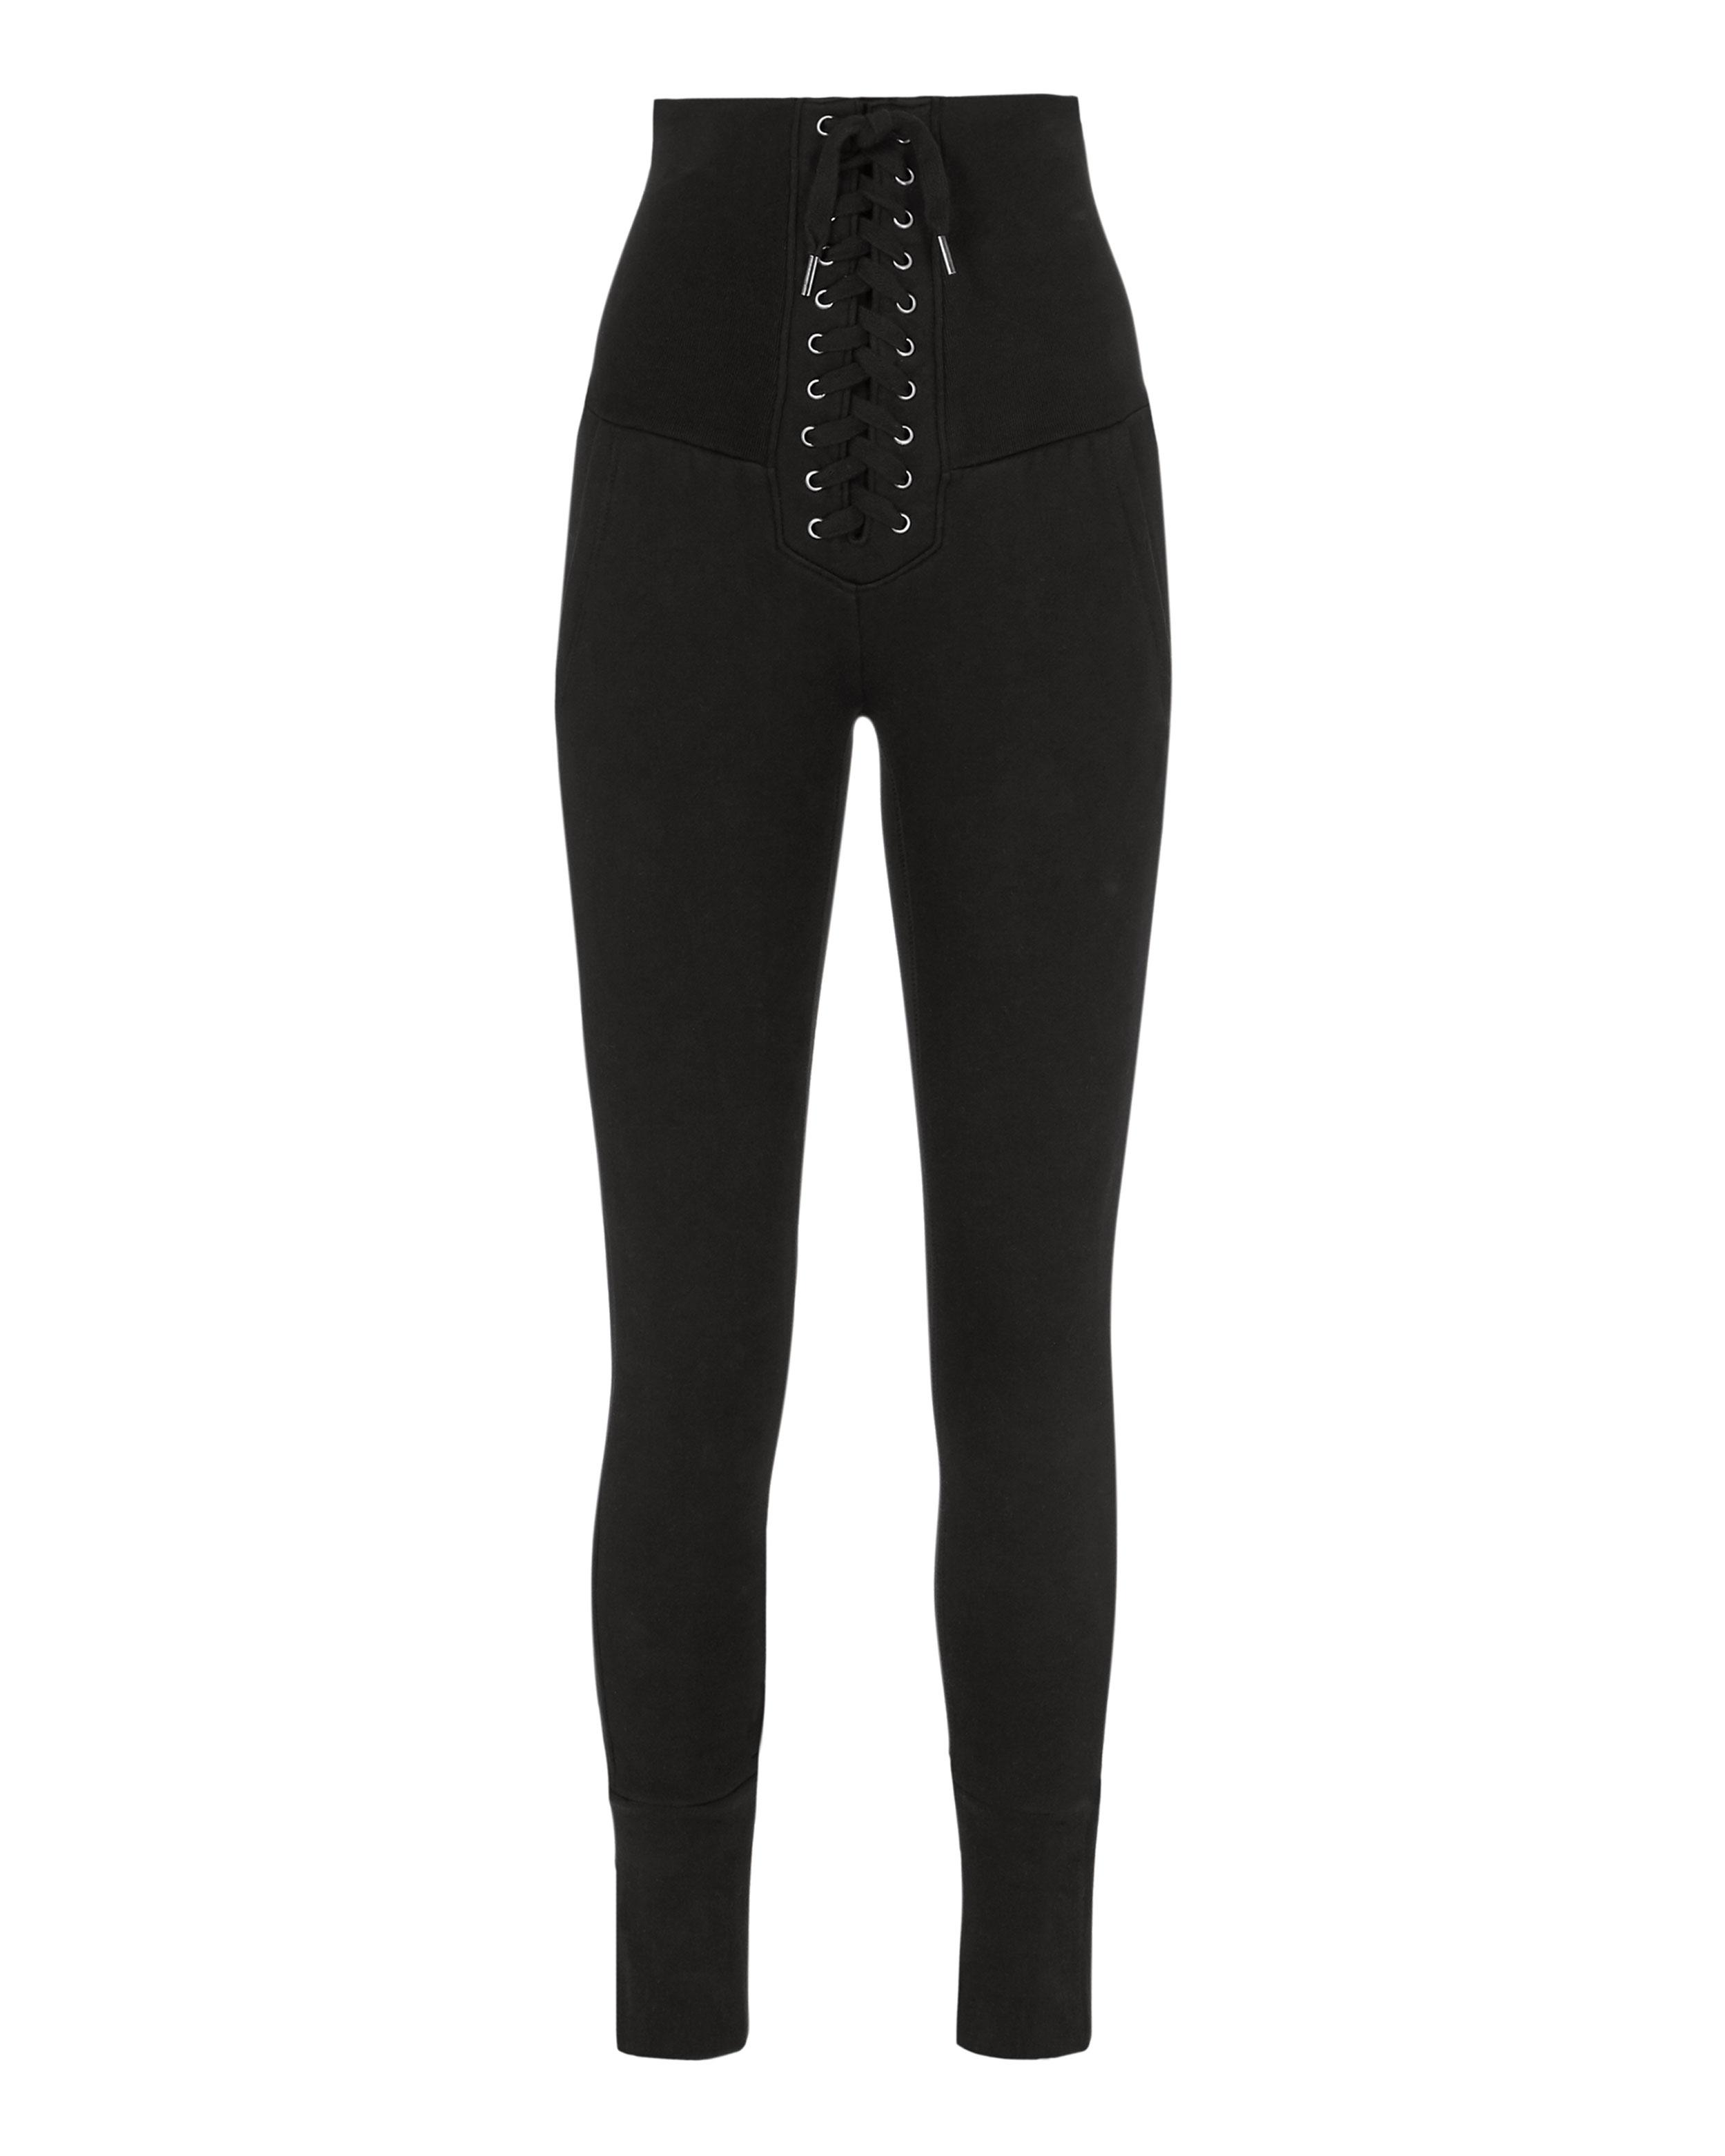 Nsf Maren Black Sweatpants